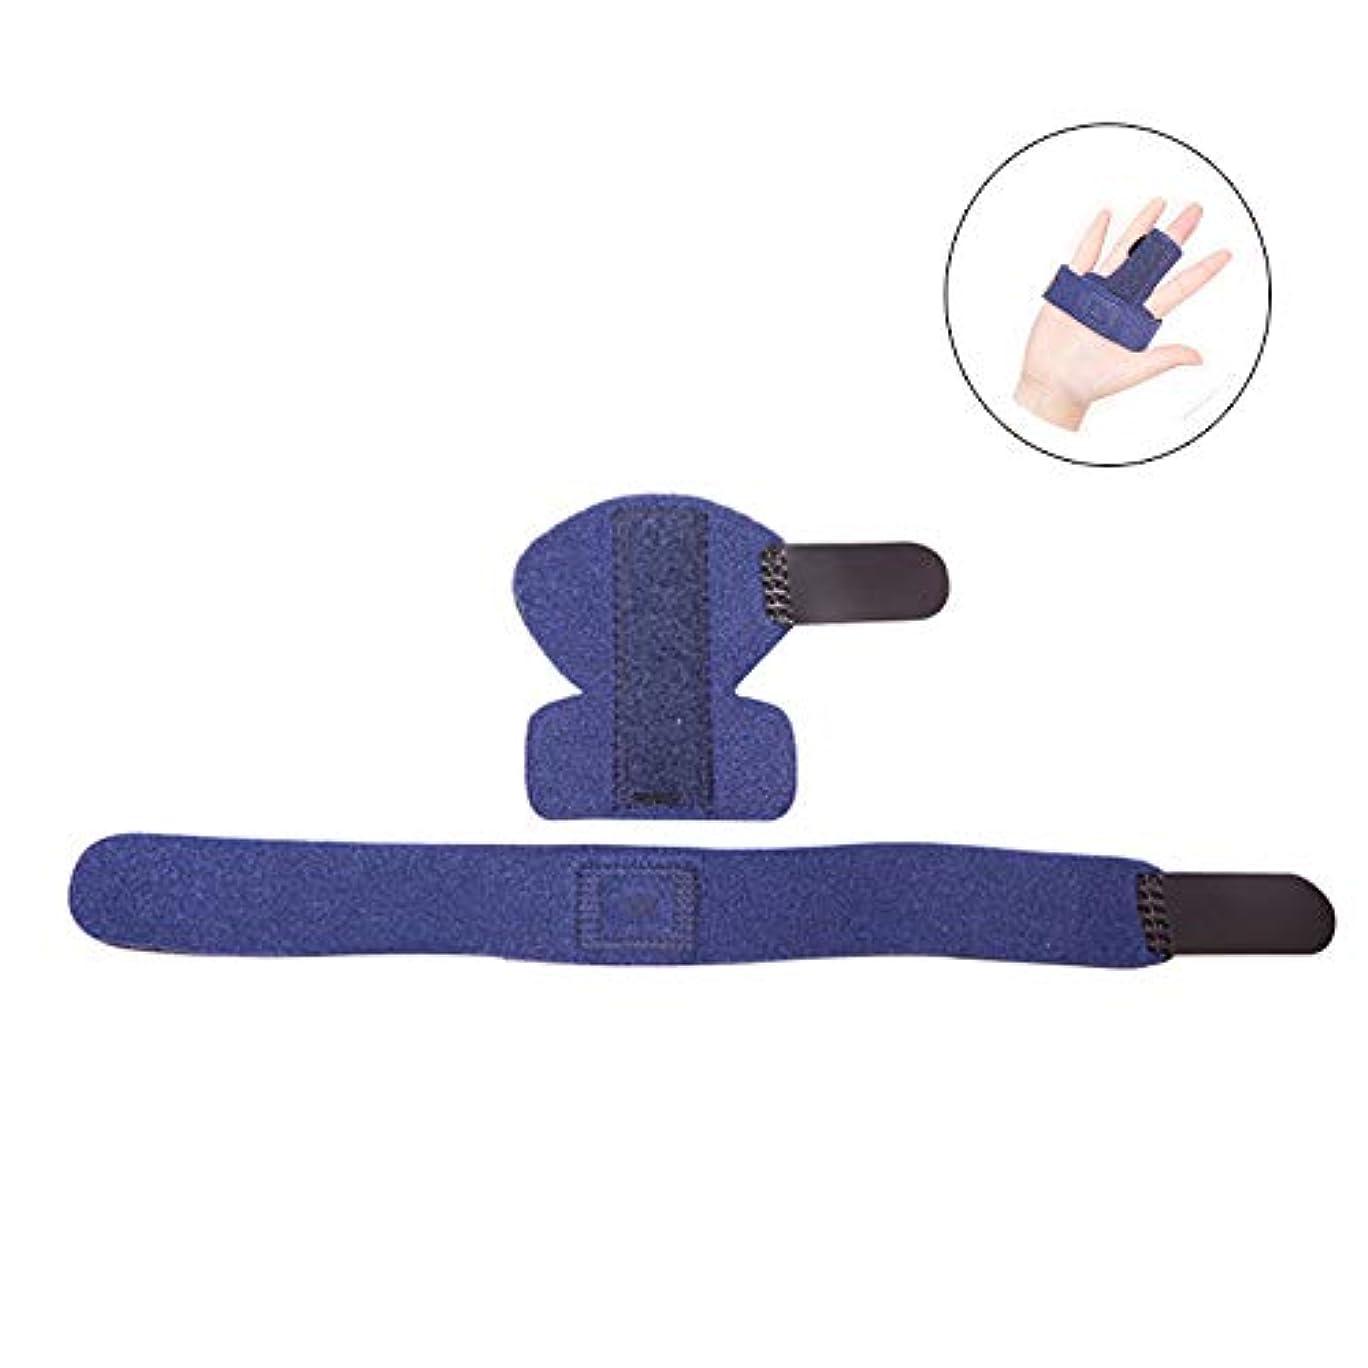 把握雄弁なかまど指の痛みの軽減、指の関節の固定、指の骨折のための指サポートブレーススプリント調整可能なプロテクター